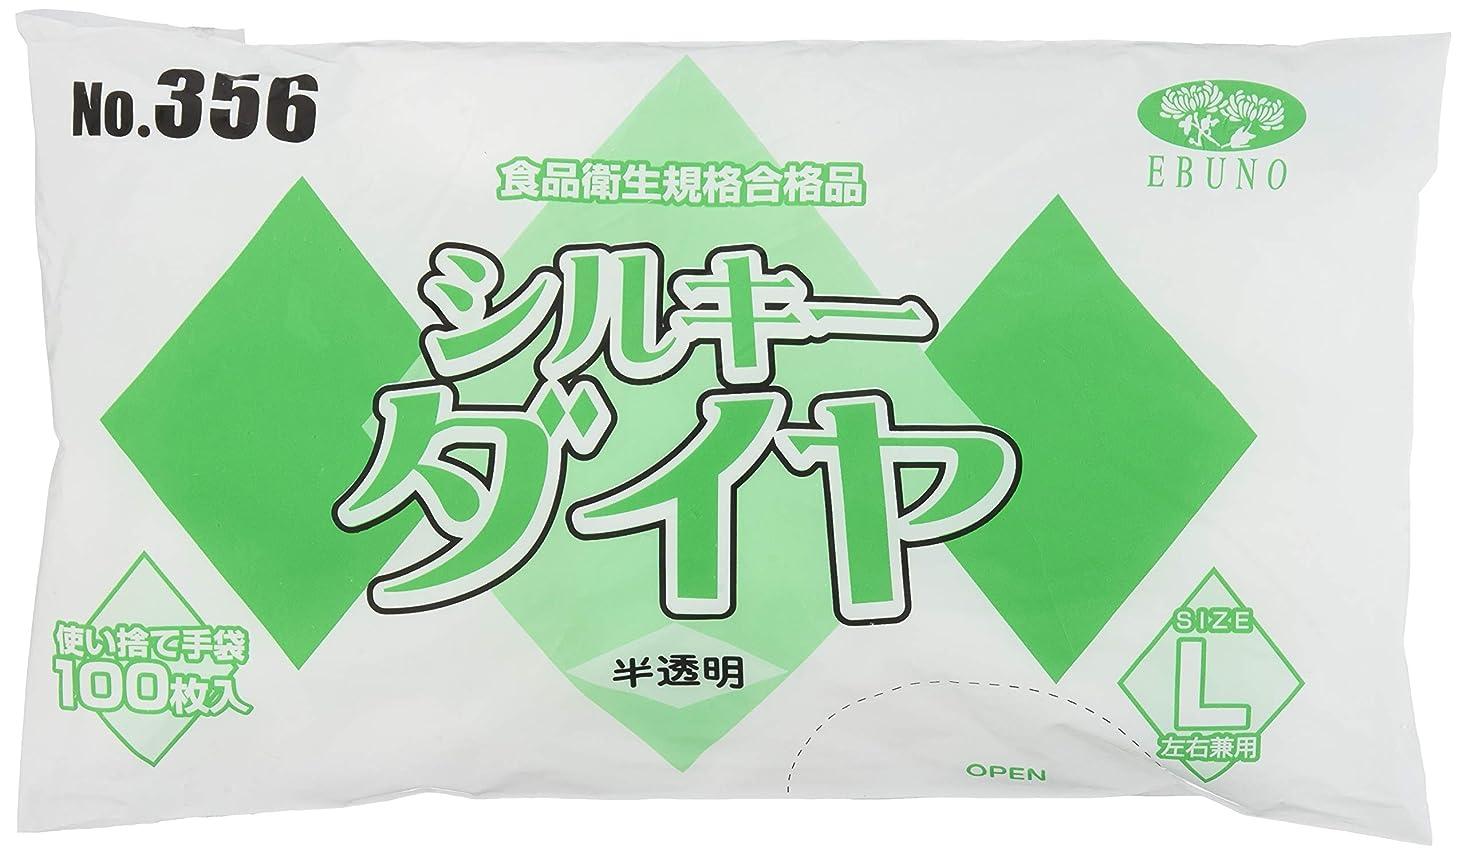 パーク補正貞No.356 食品加工用使い捨て手袋 シルキーダイヤ 半透明 Lサイズ 袋入 100枚入